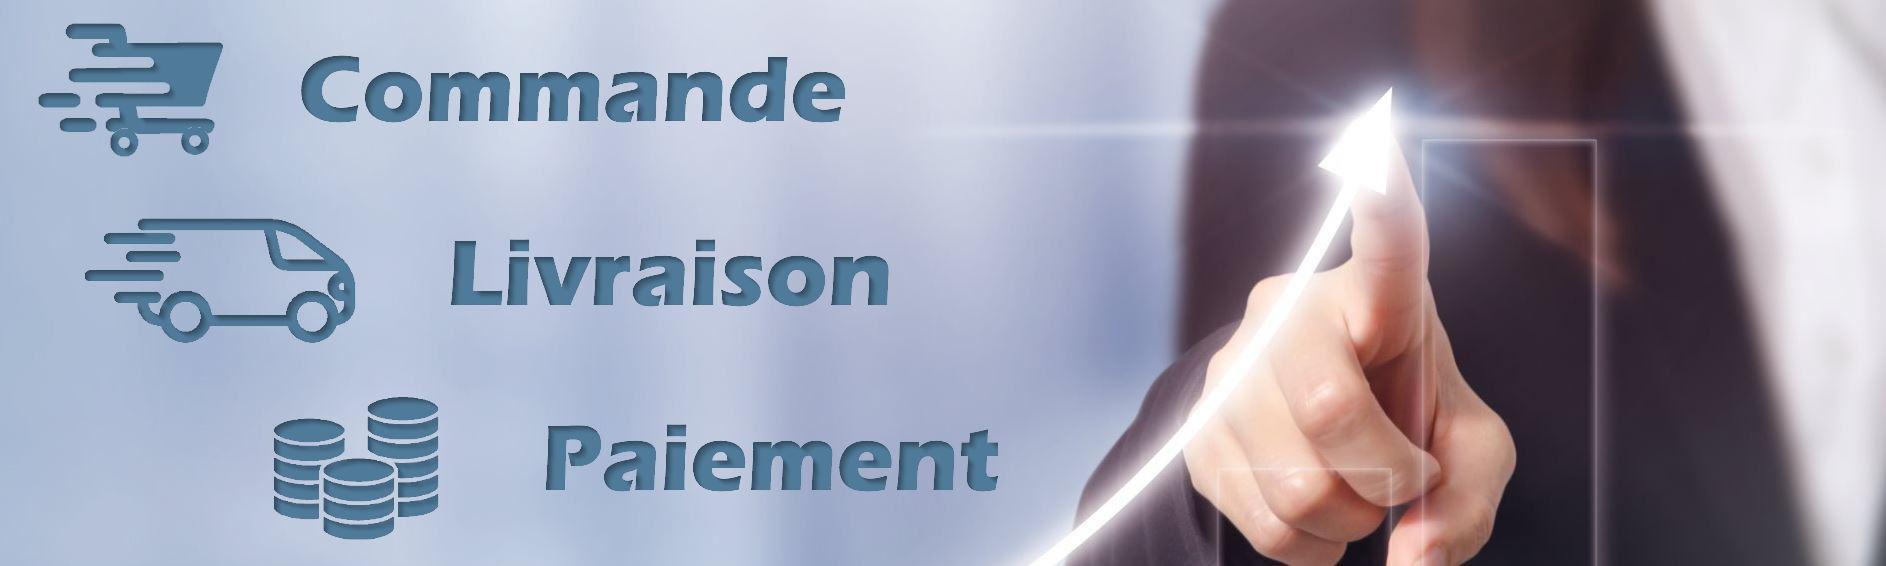 Avis Mon Intranet Achats : Solution Procure to Pay développée en France - Appvizer